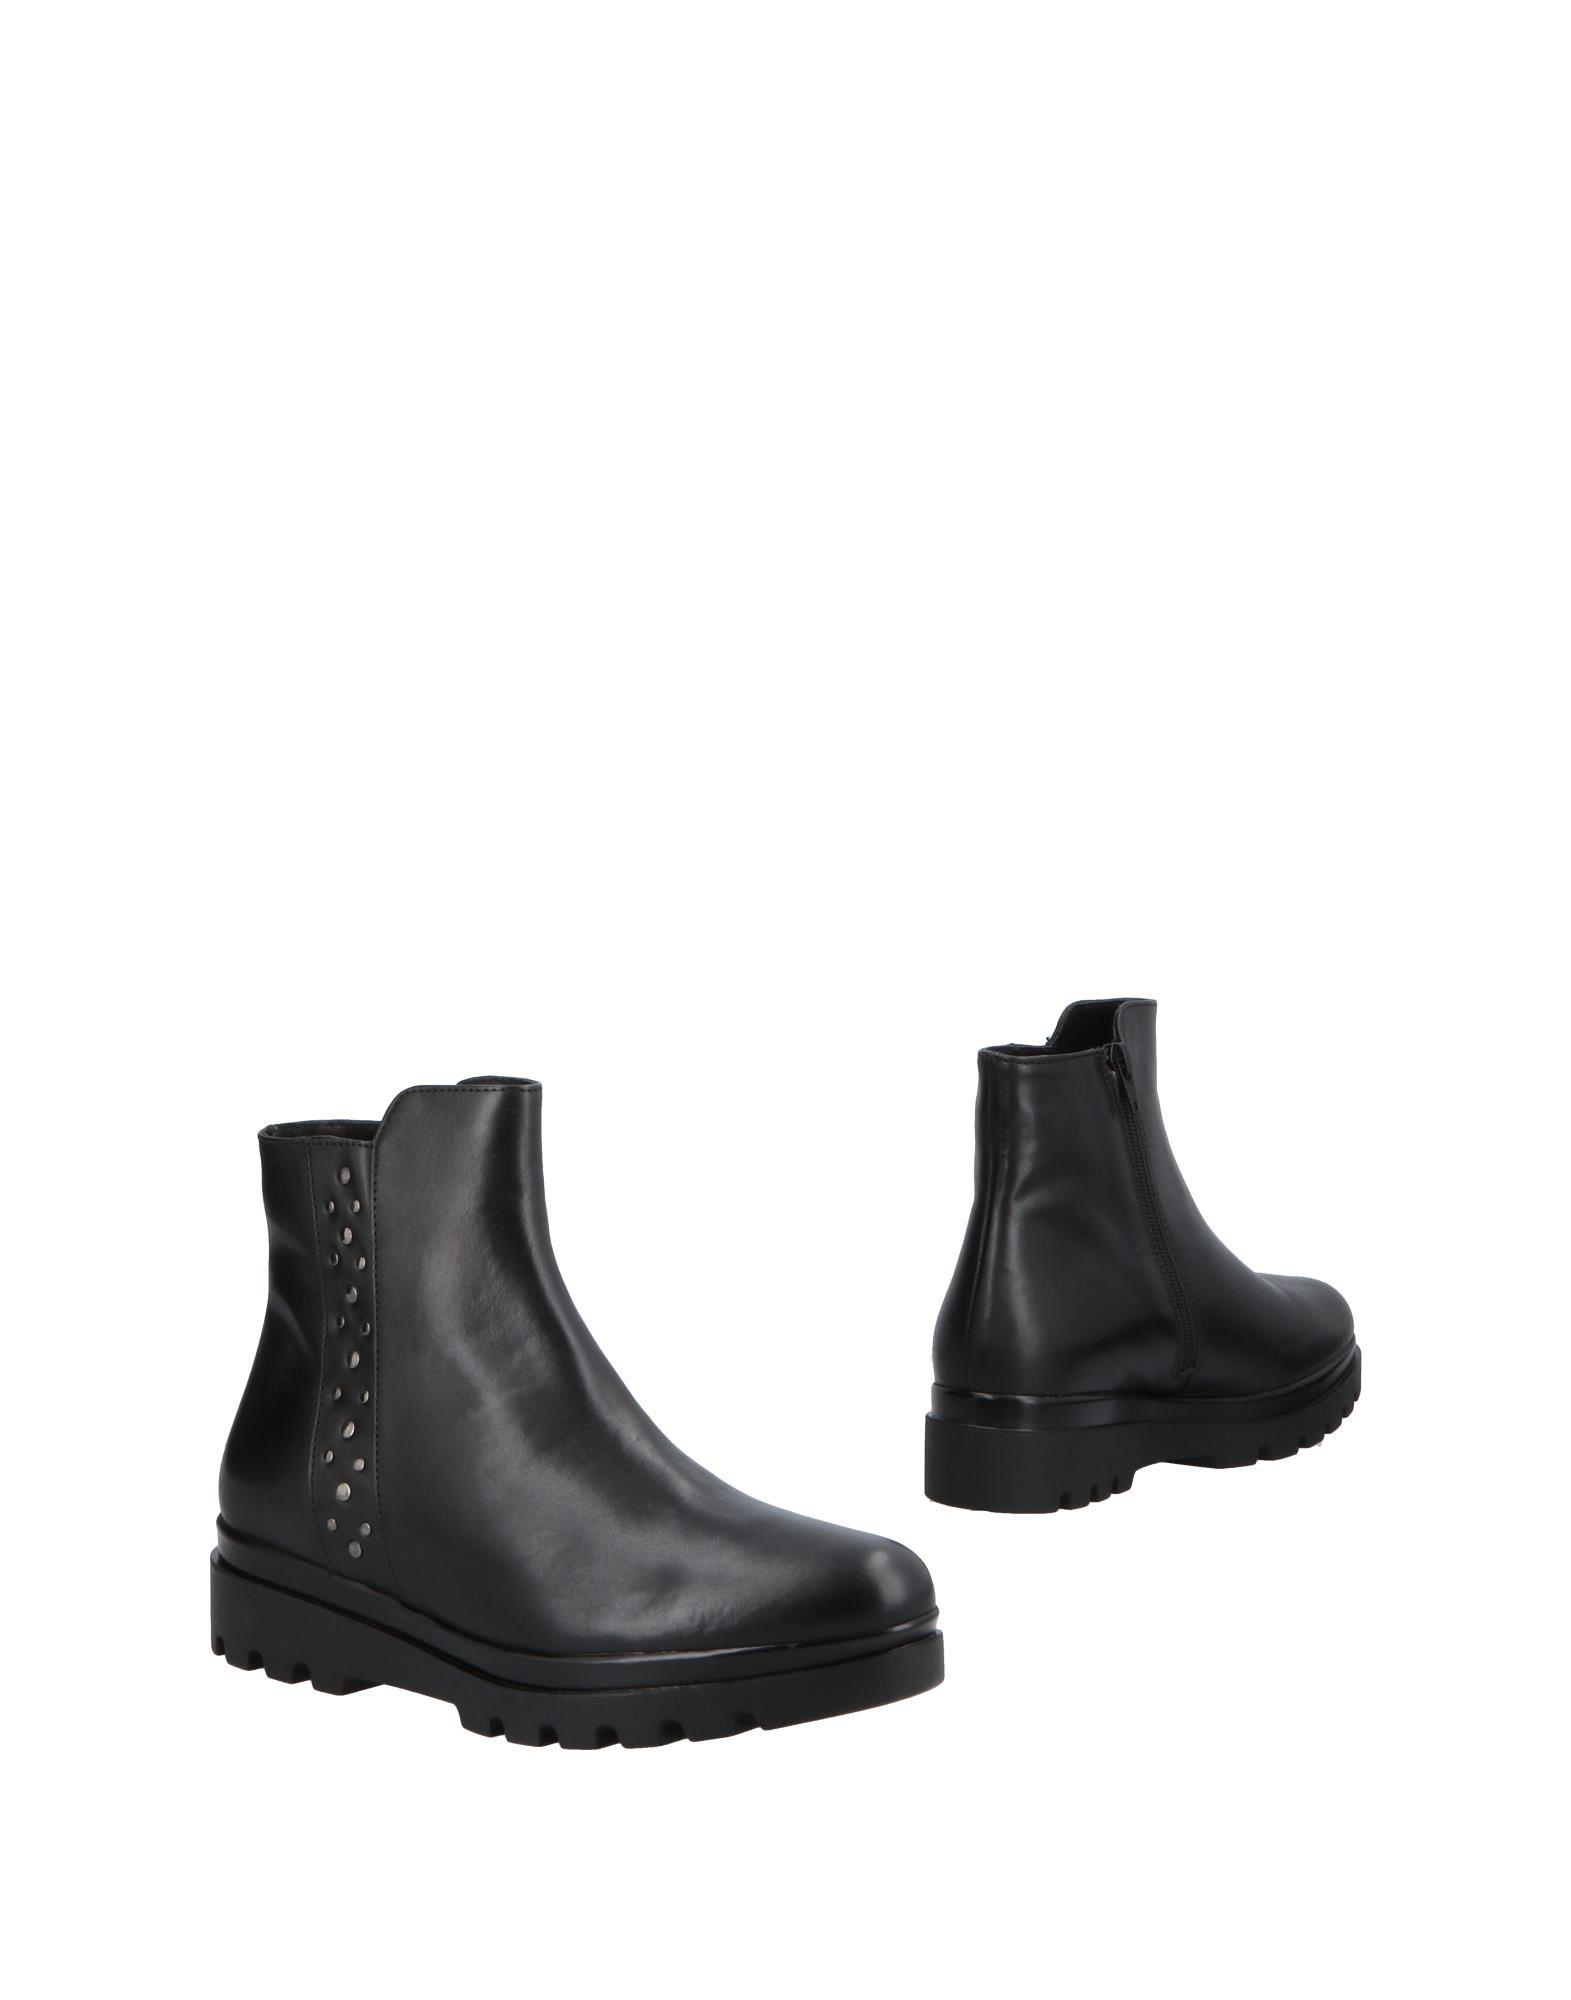 Gut Loretta um billige Schuhe zu tragenLoretta By Loretta Gut Stiefelette Damen  11506427EA d663b5